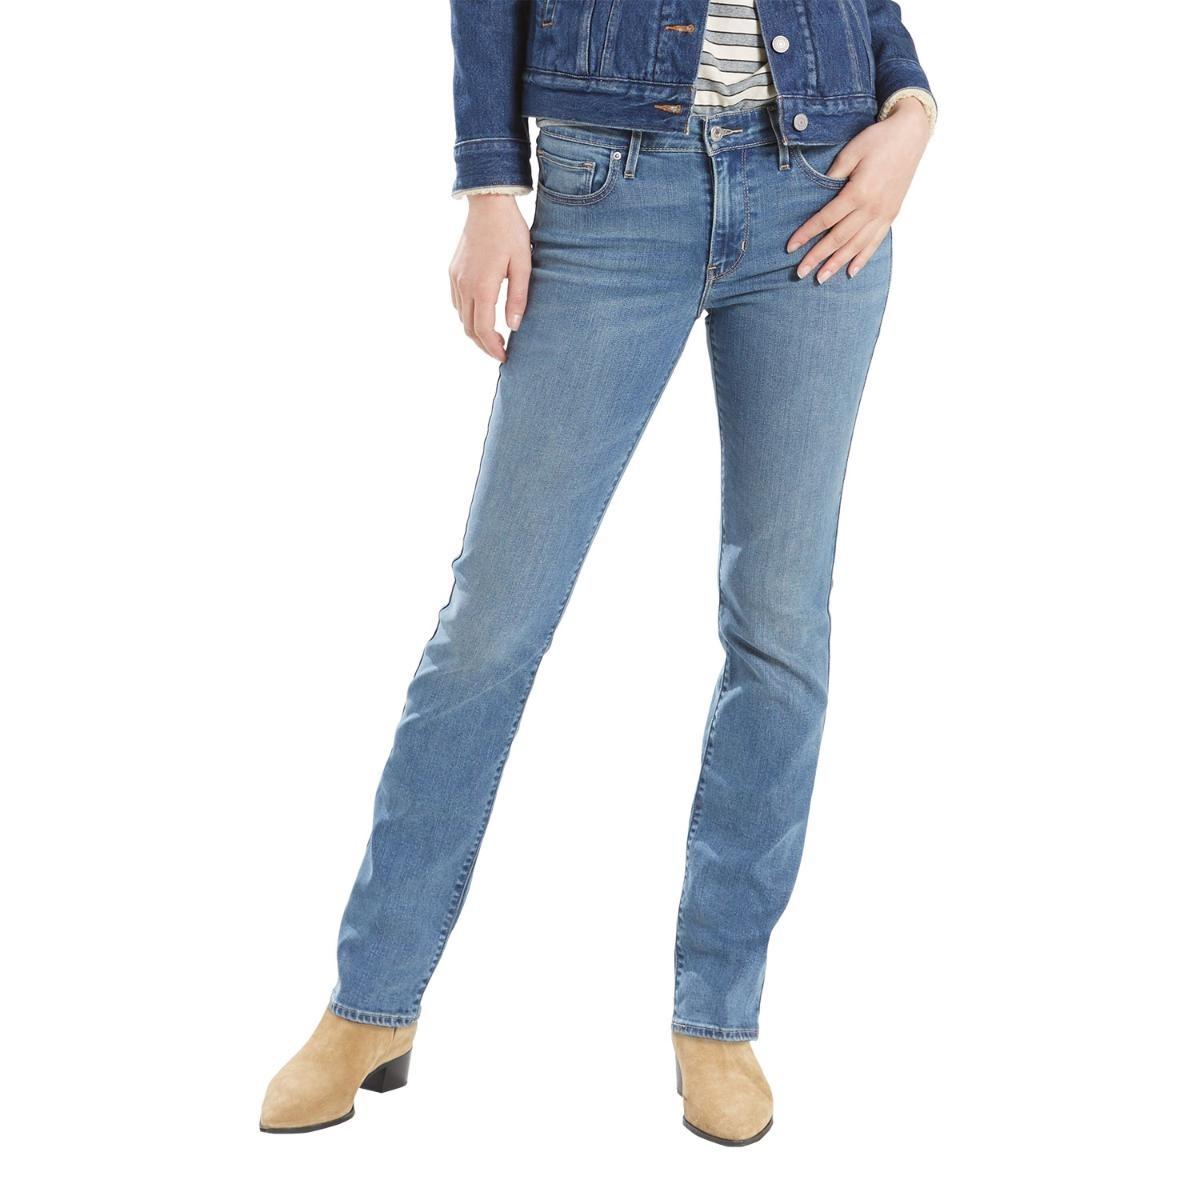 909b8d53d calça jeans levis feminino 712 slim média. Carregando zoom.